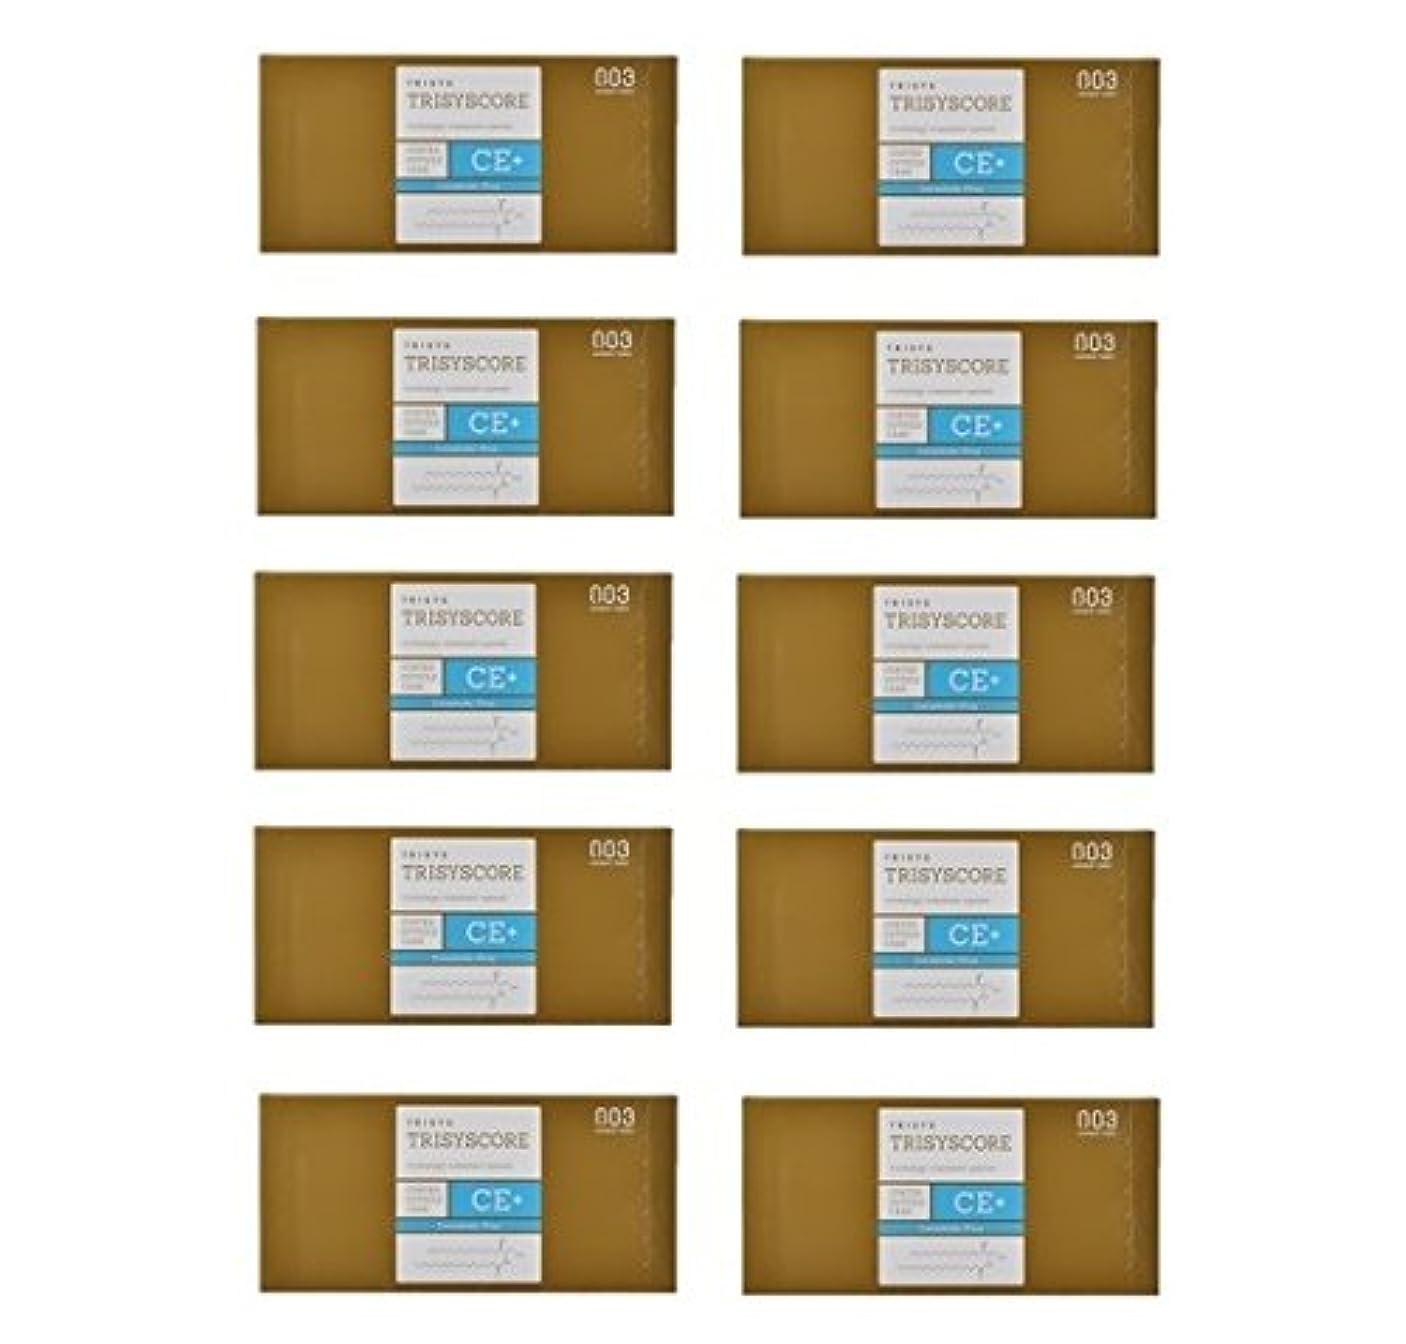 プロフェッショナル性交する必要がある【X10個セット】ナンバースリー トリシスコア CEプラス (ヘアトリートメント) 12g × 4包入り